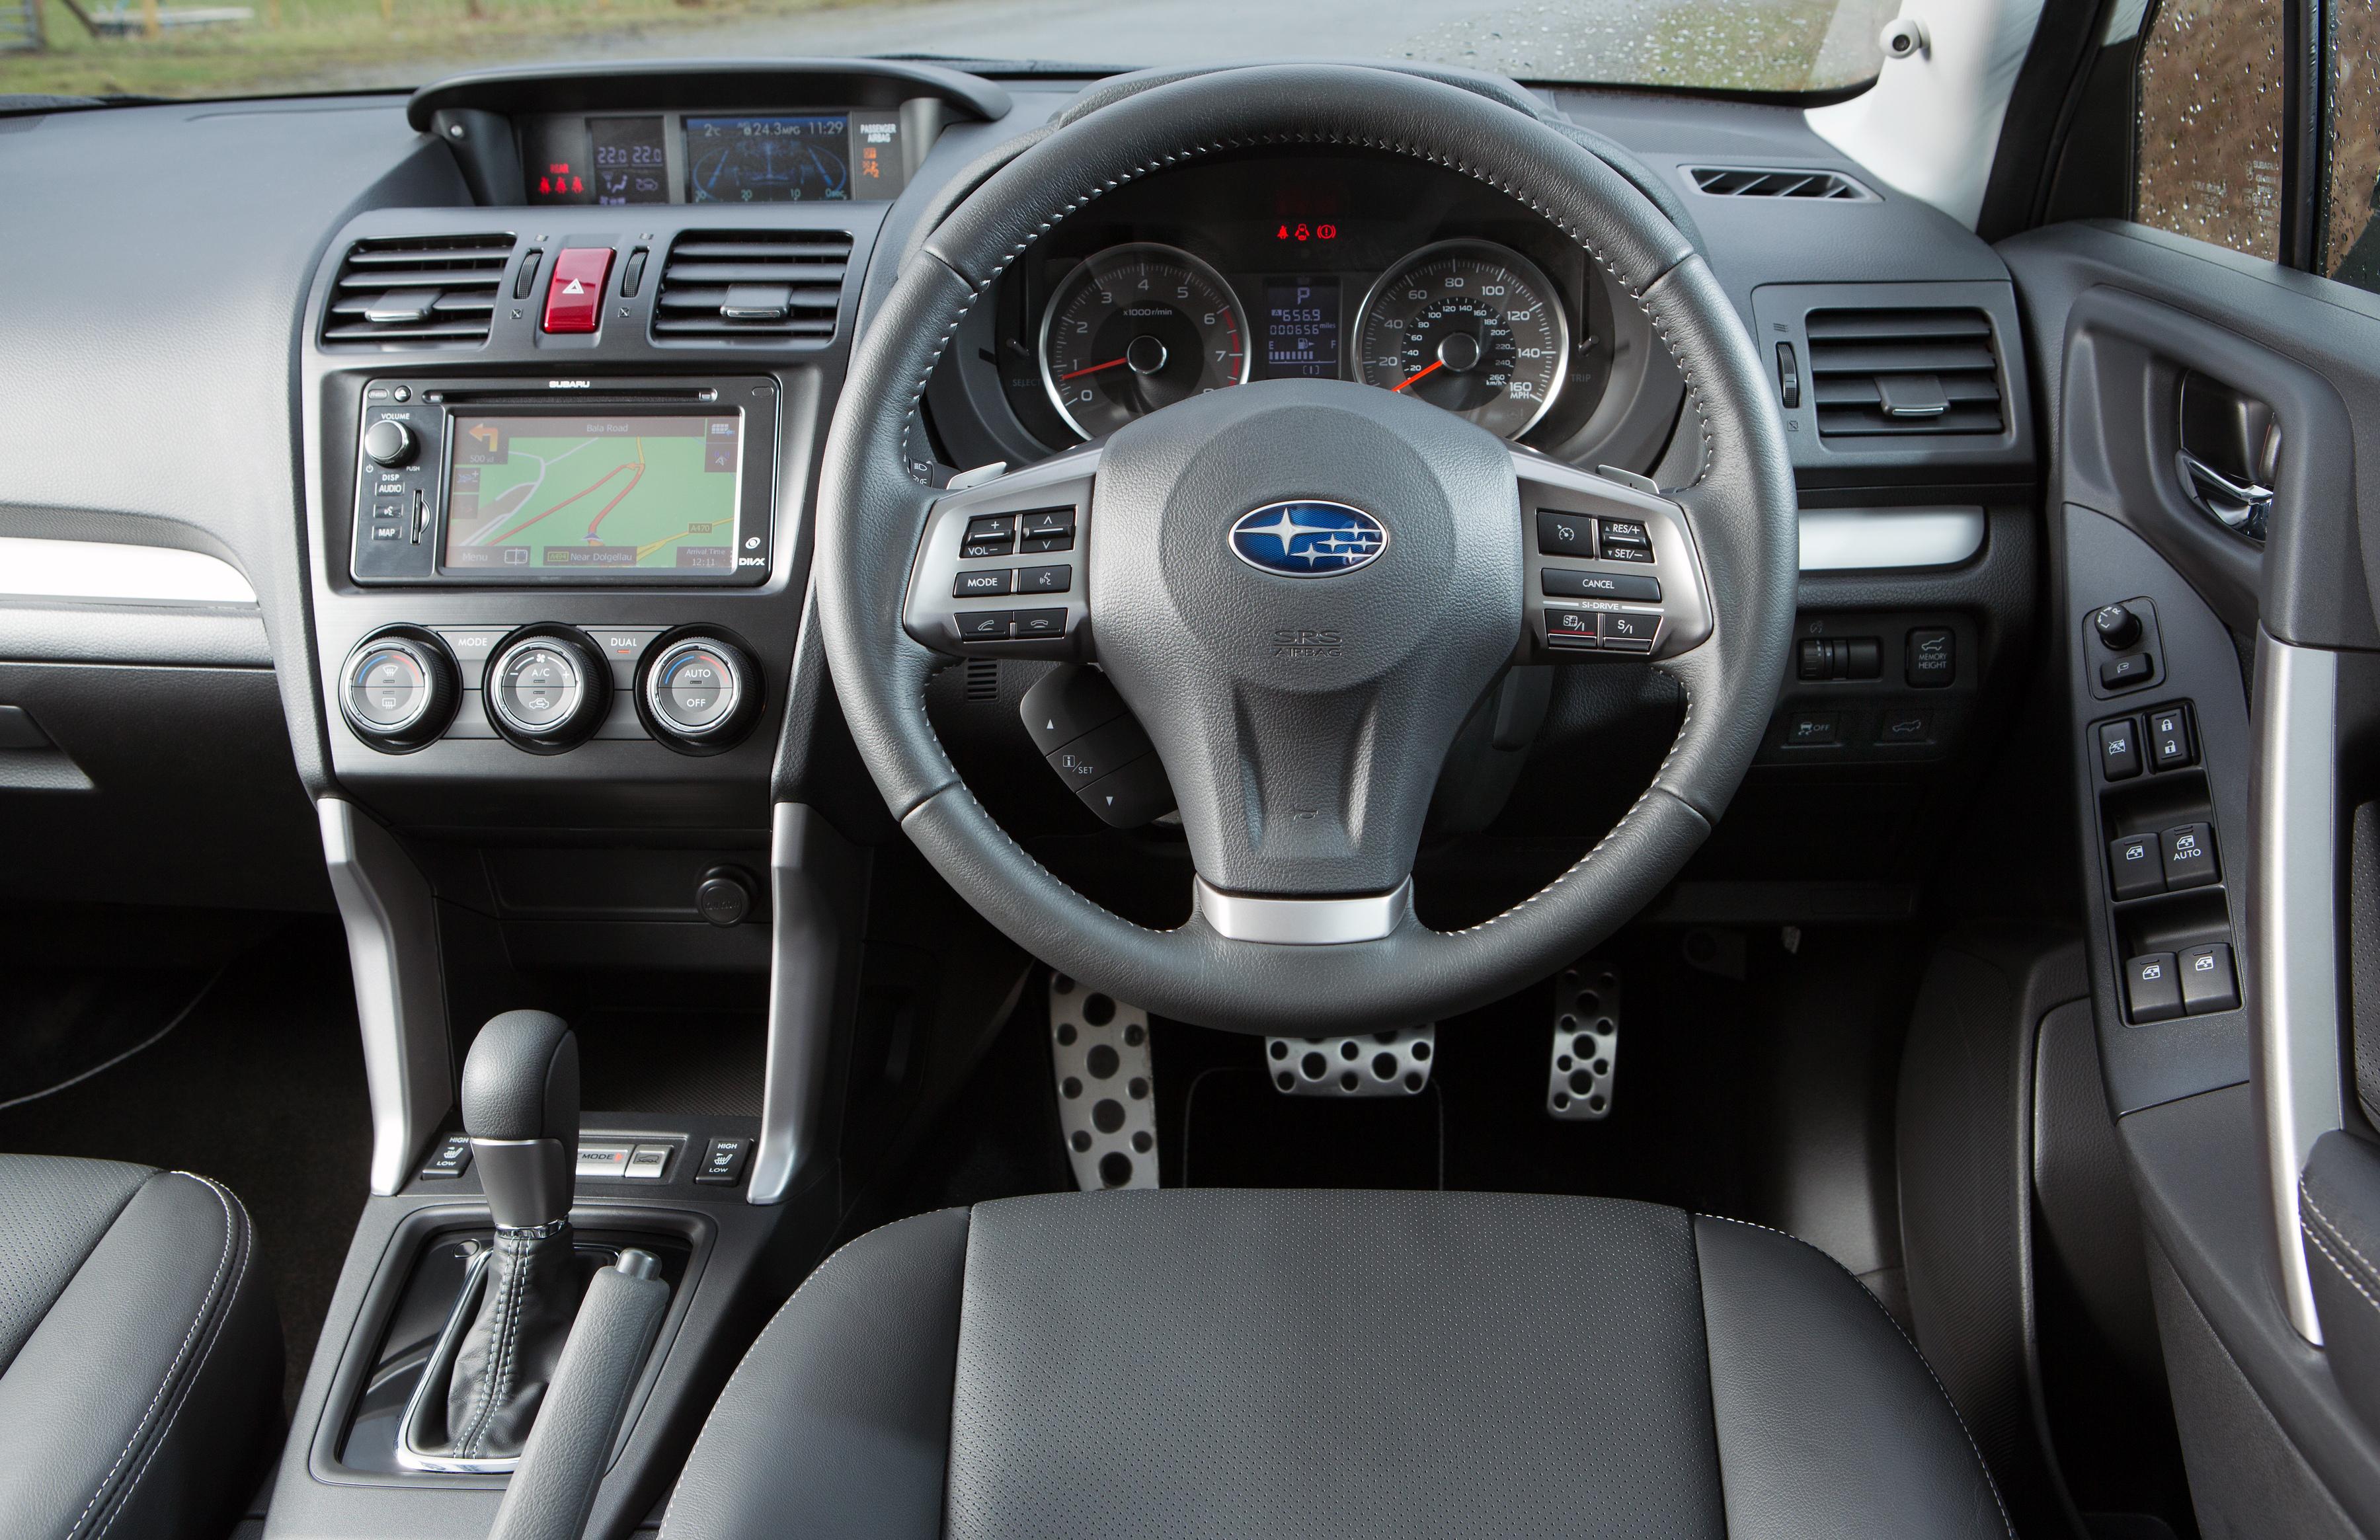 デスクトップ壁紙 15年 スバル フォレスターxtイギリス版 Netcarshow ネットカー 車の画像 車の写真 3600x2330 Netcarshow デスクトップ壁紙 Wallhere